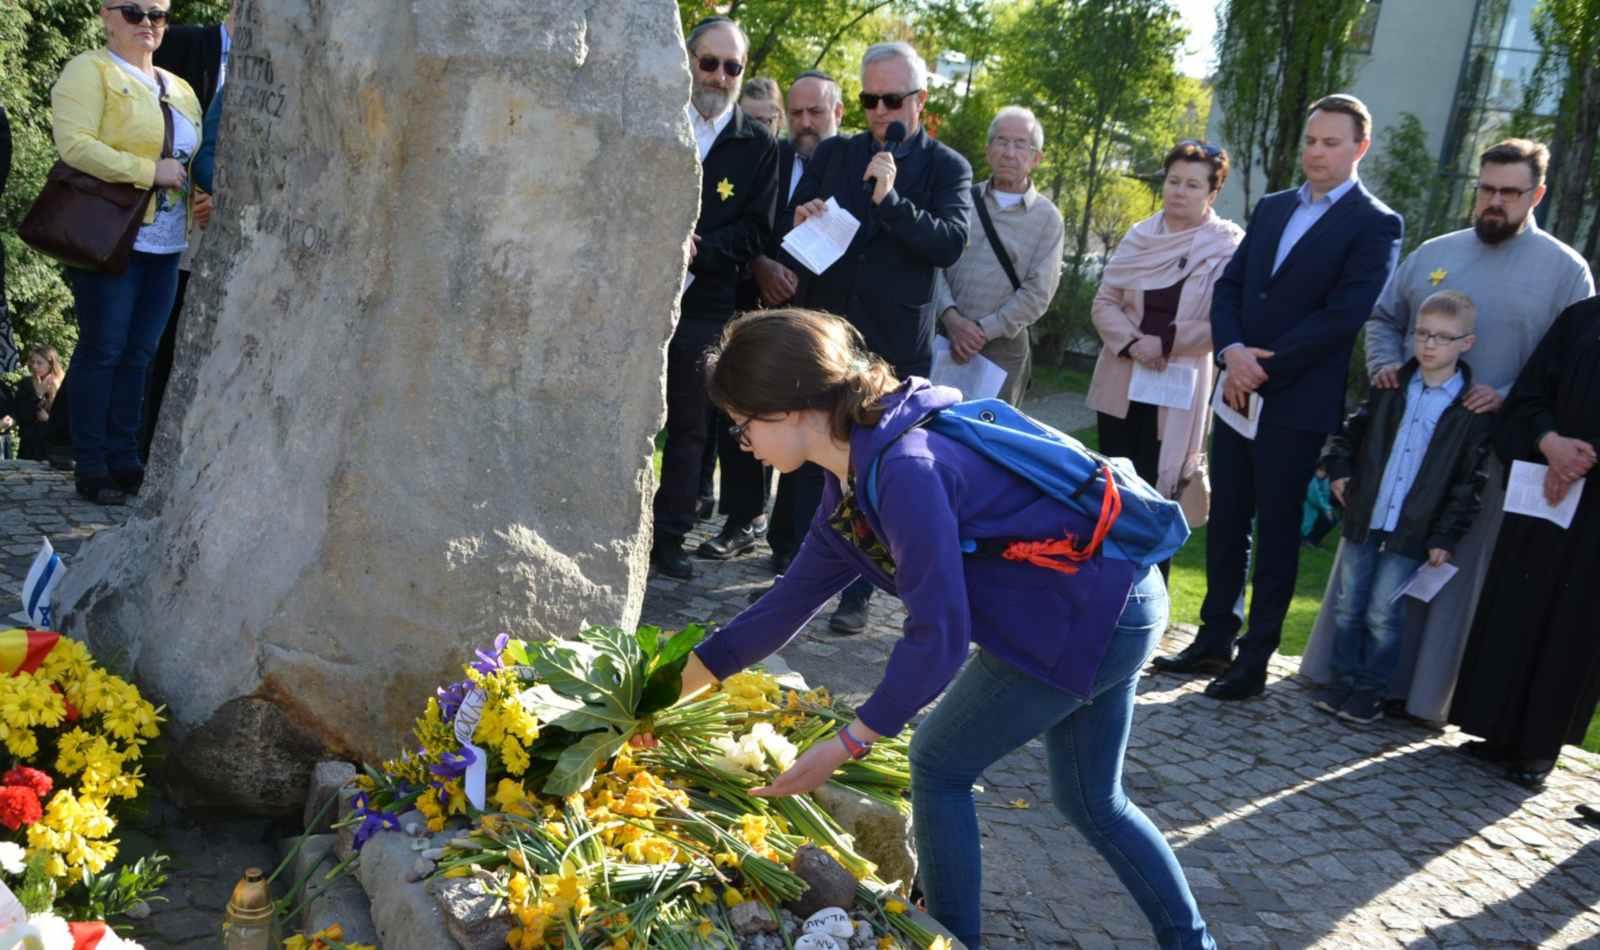 Doroczny Marsz Modlitewny organizowany przez Polską Radę chrześcijan i Żydów przy Bunkrze przy Miłej 18